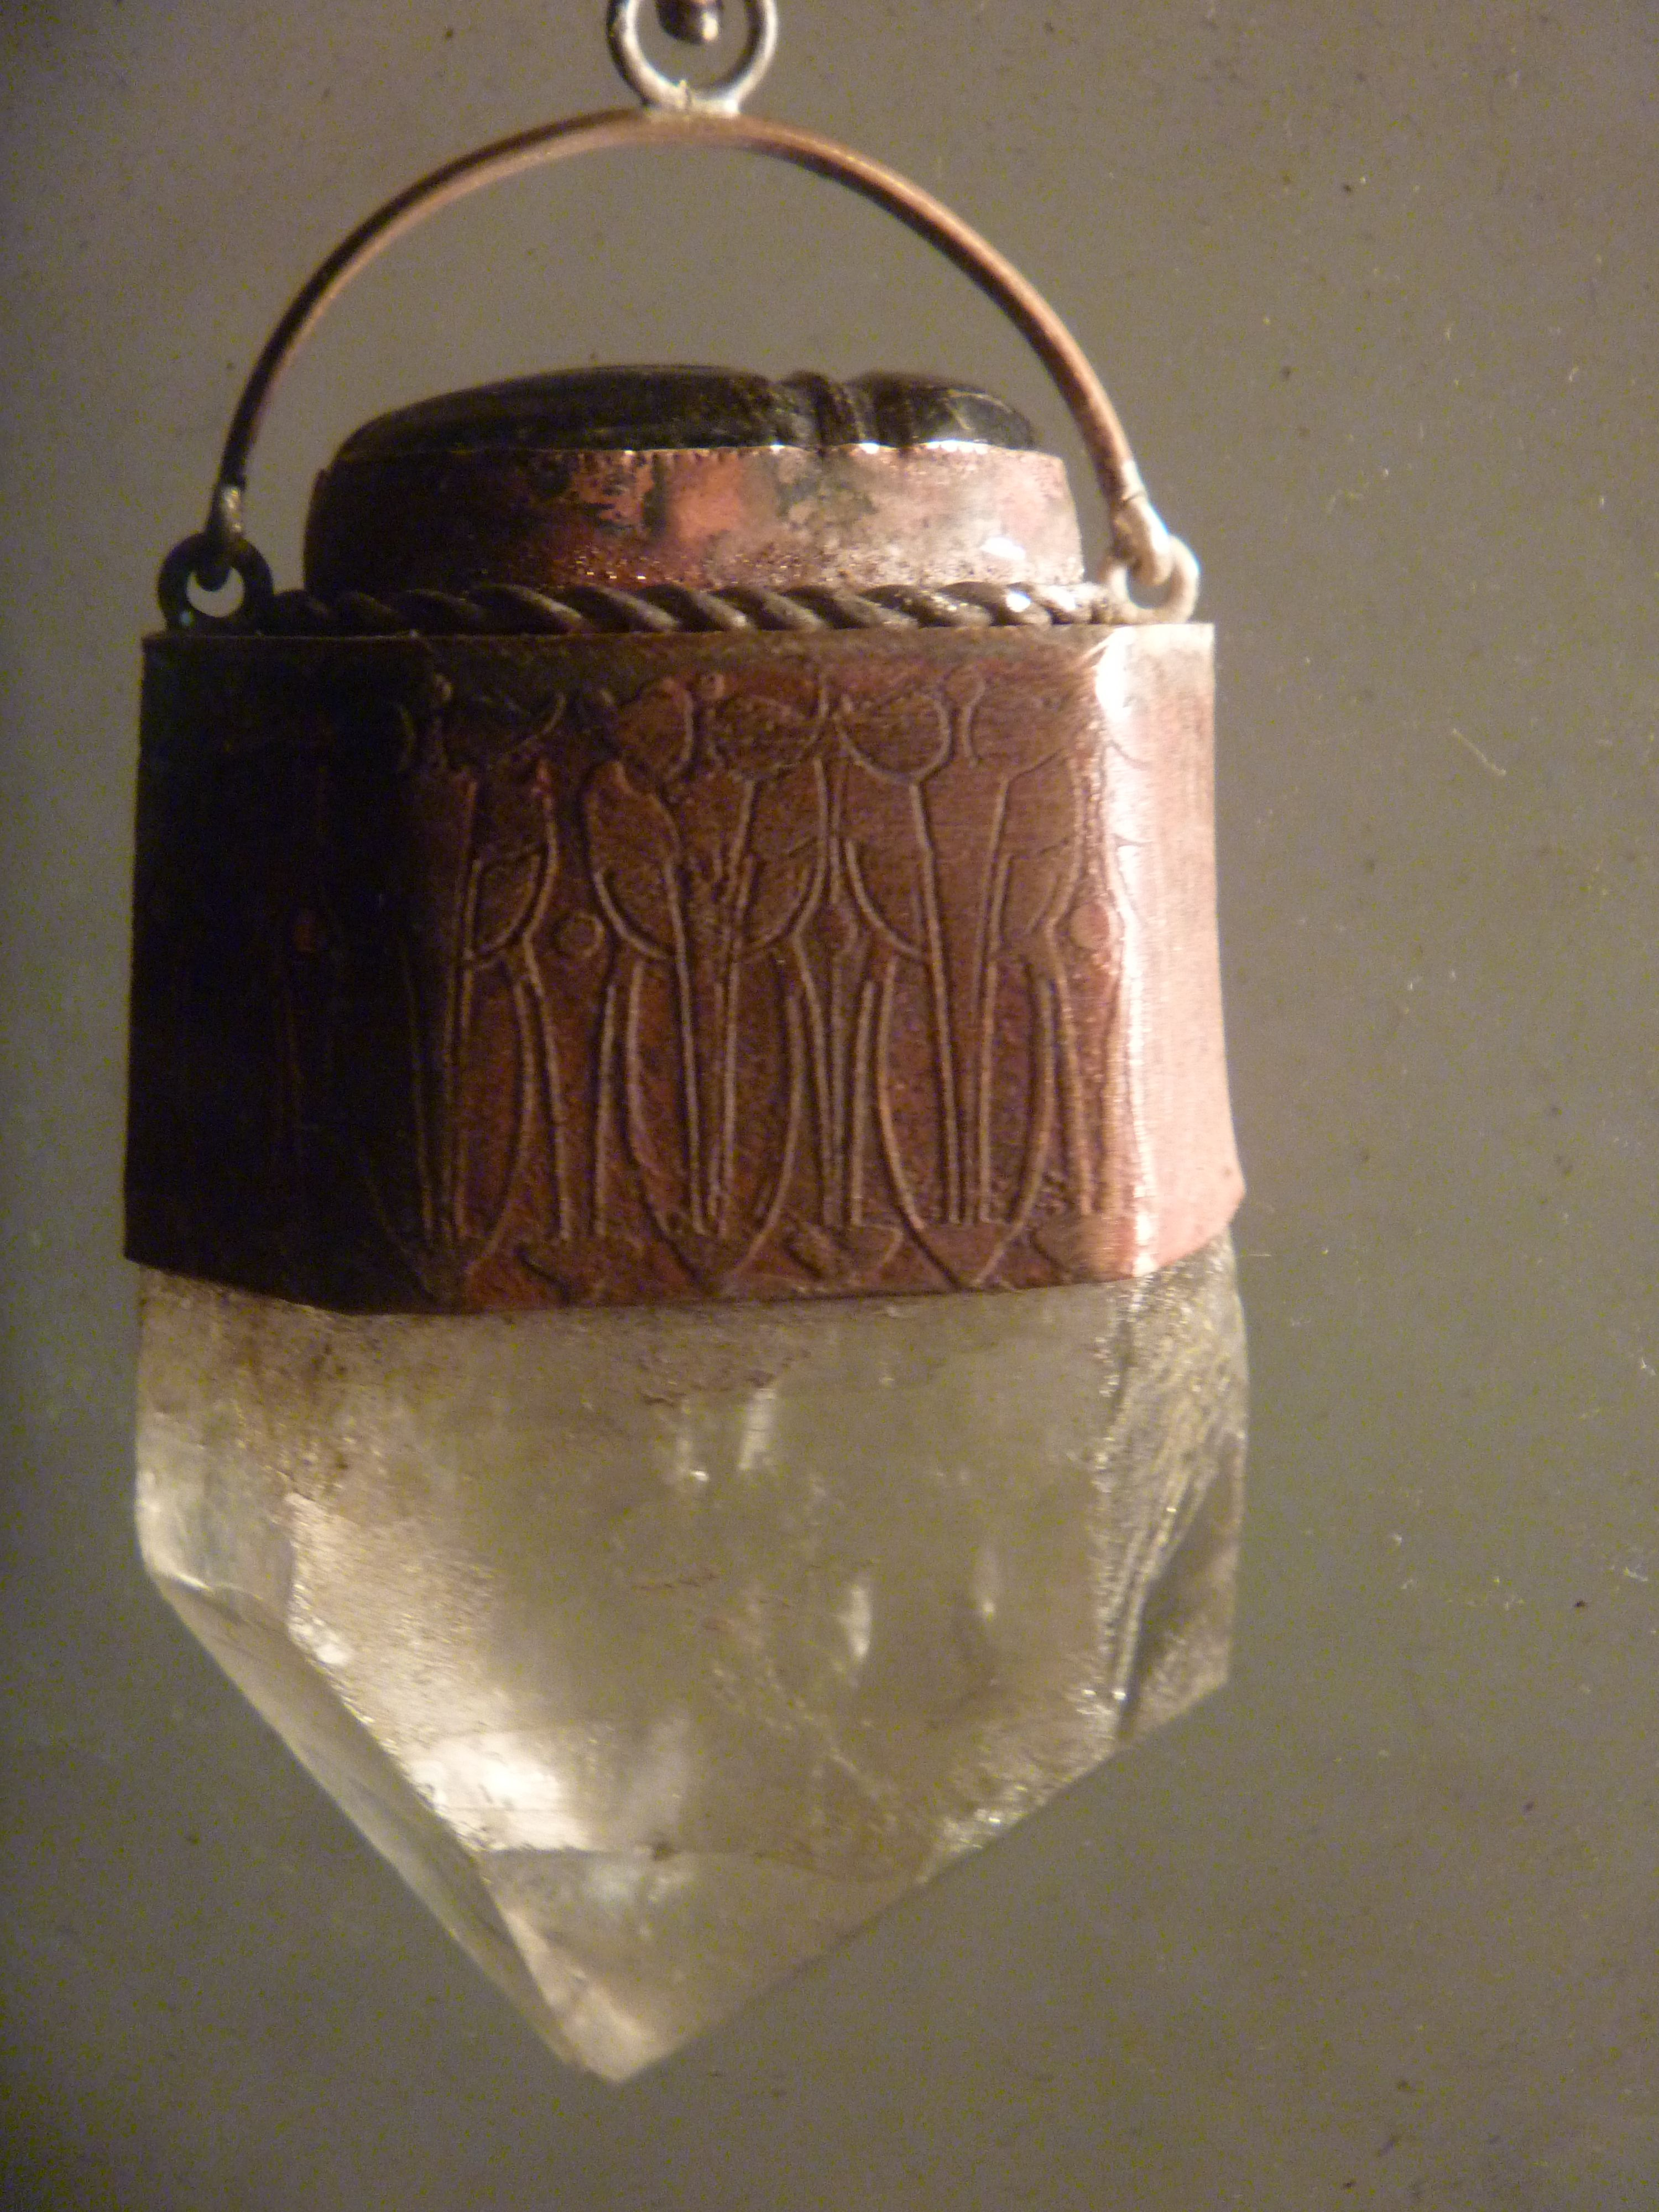 cuarzo blanco engarsado en cobre grabado. con escarabajo de jade.